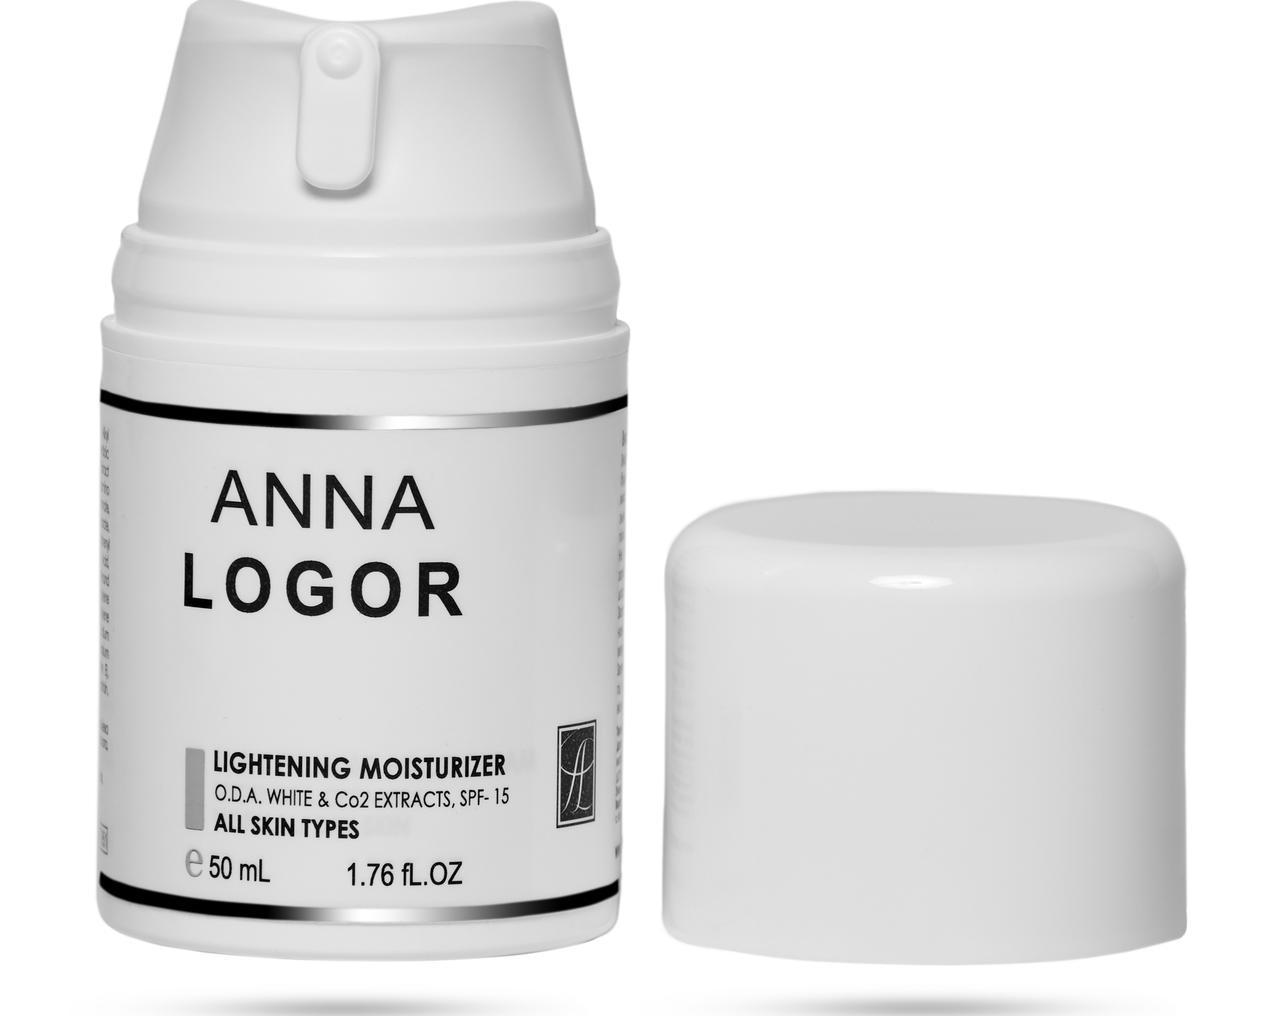 Висвітлюючий зволожуючий крем Анна Логор / Anna Logor Lightening Moisturizer 50 ml